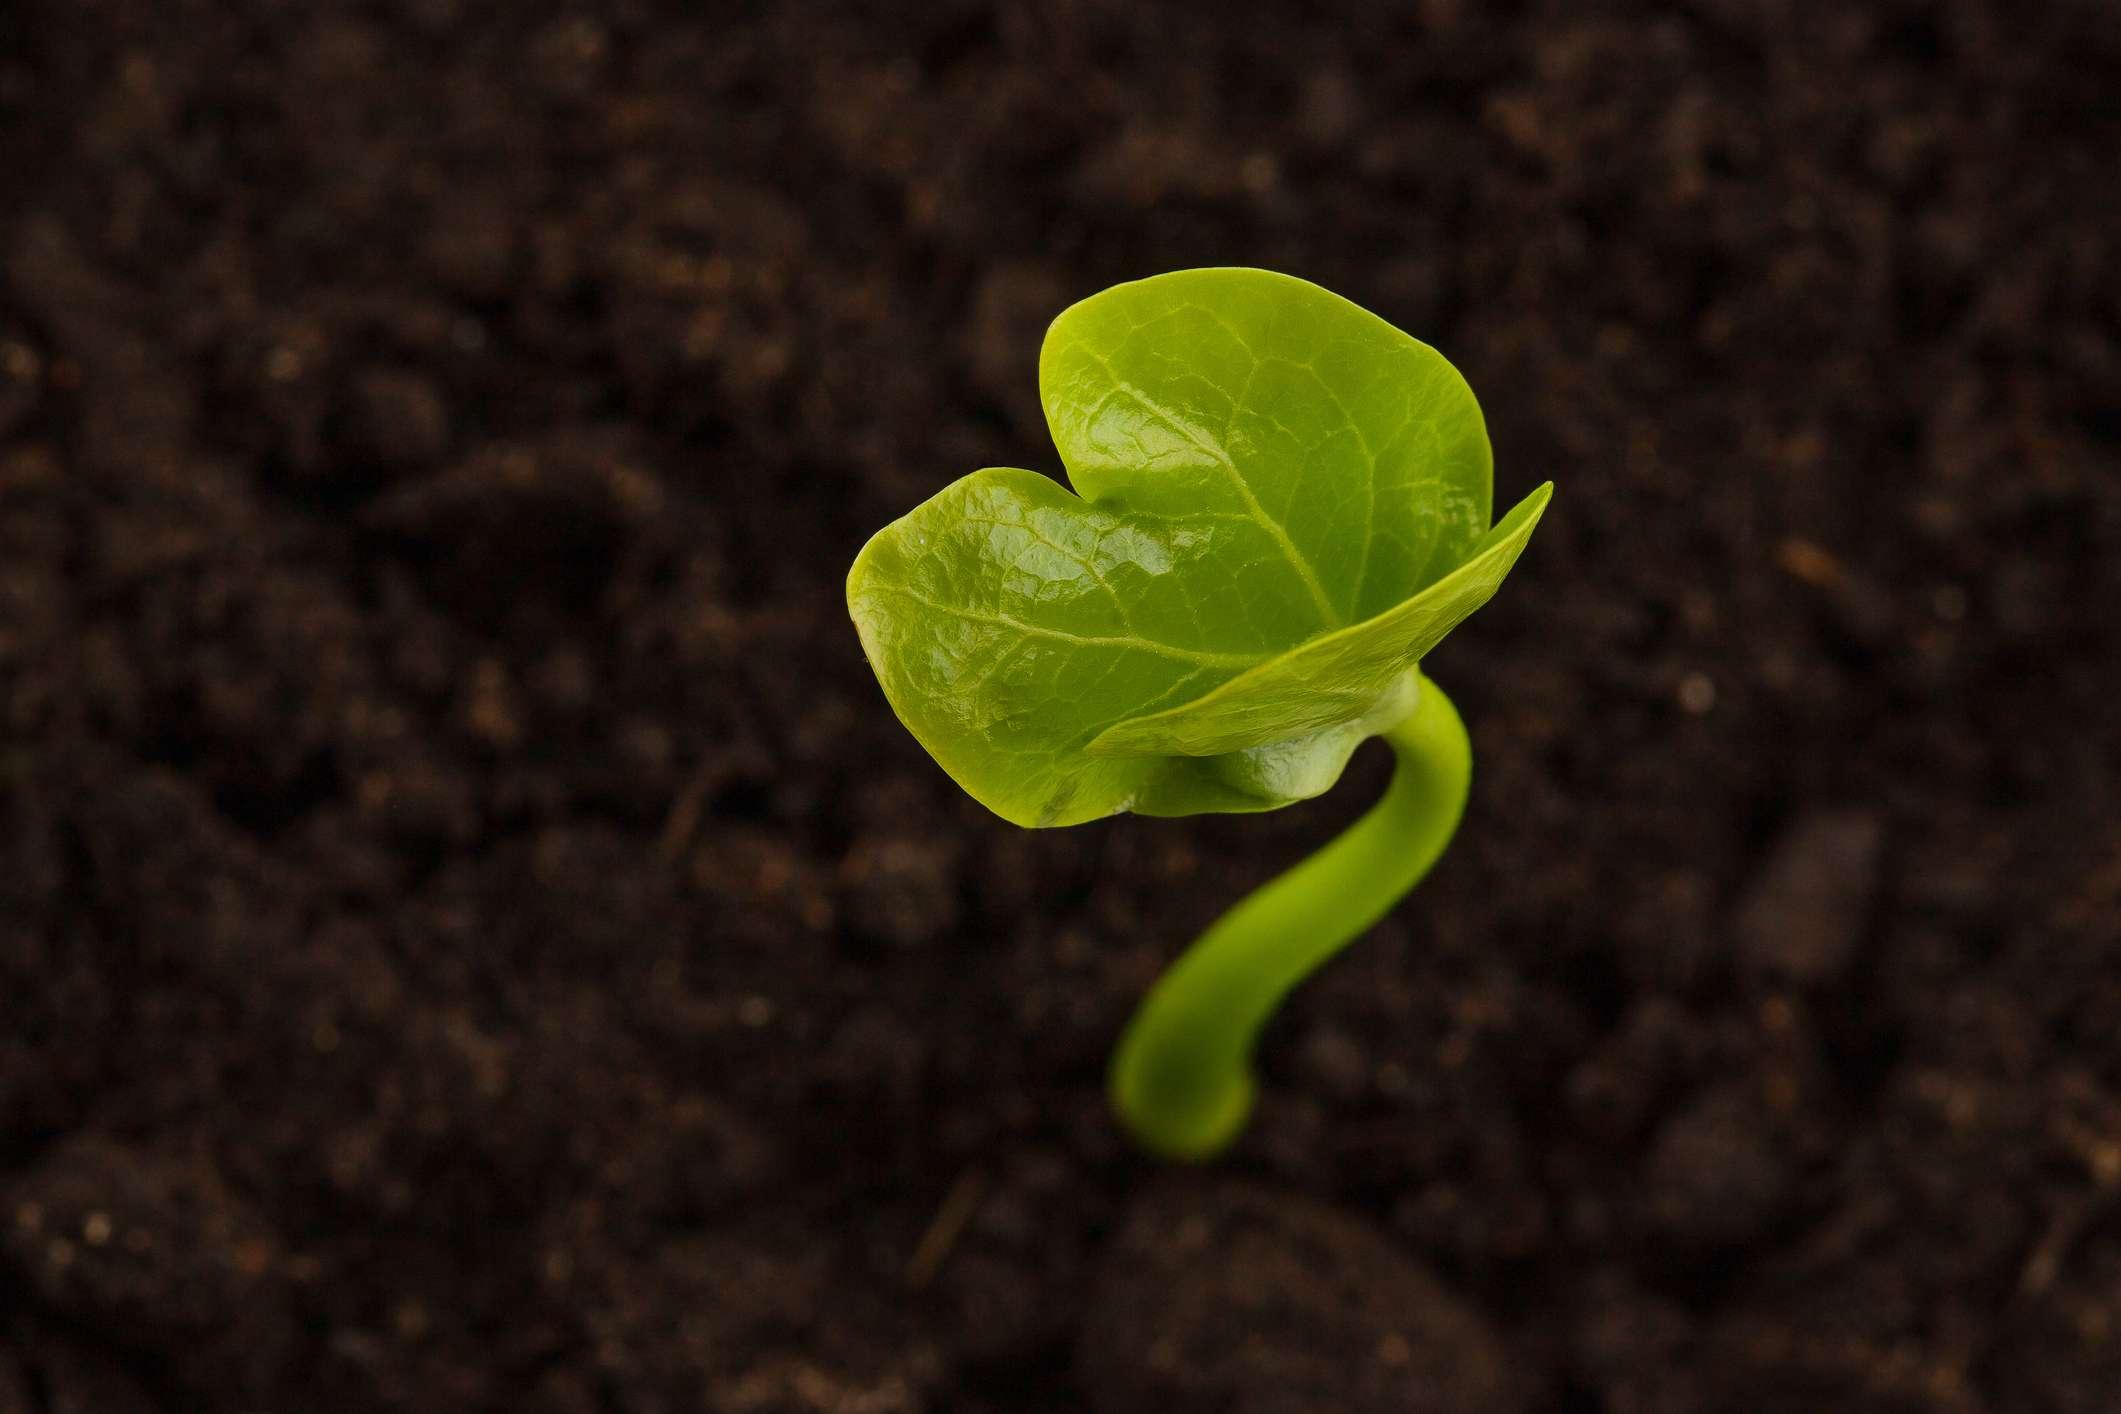 Persimmon seedling growing in dirt.